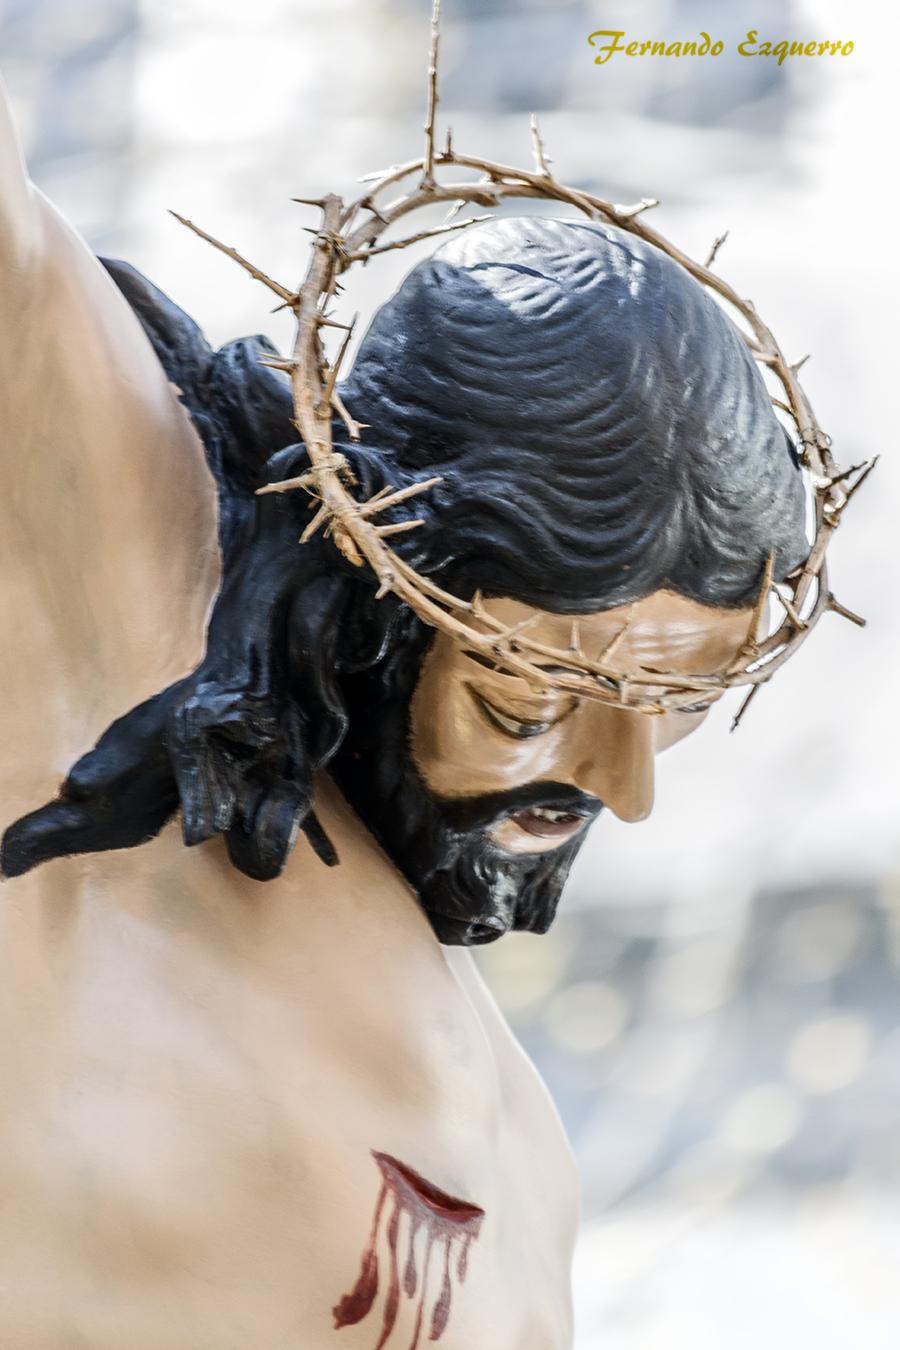 Crucifixión del Señor